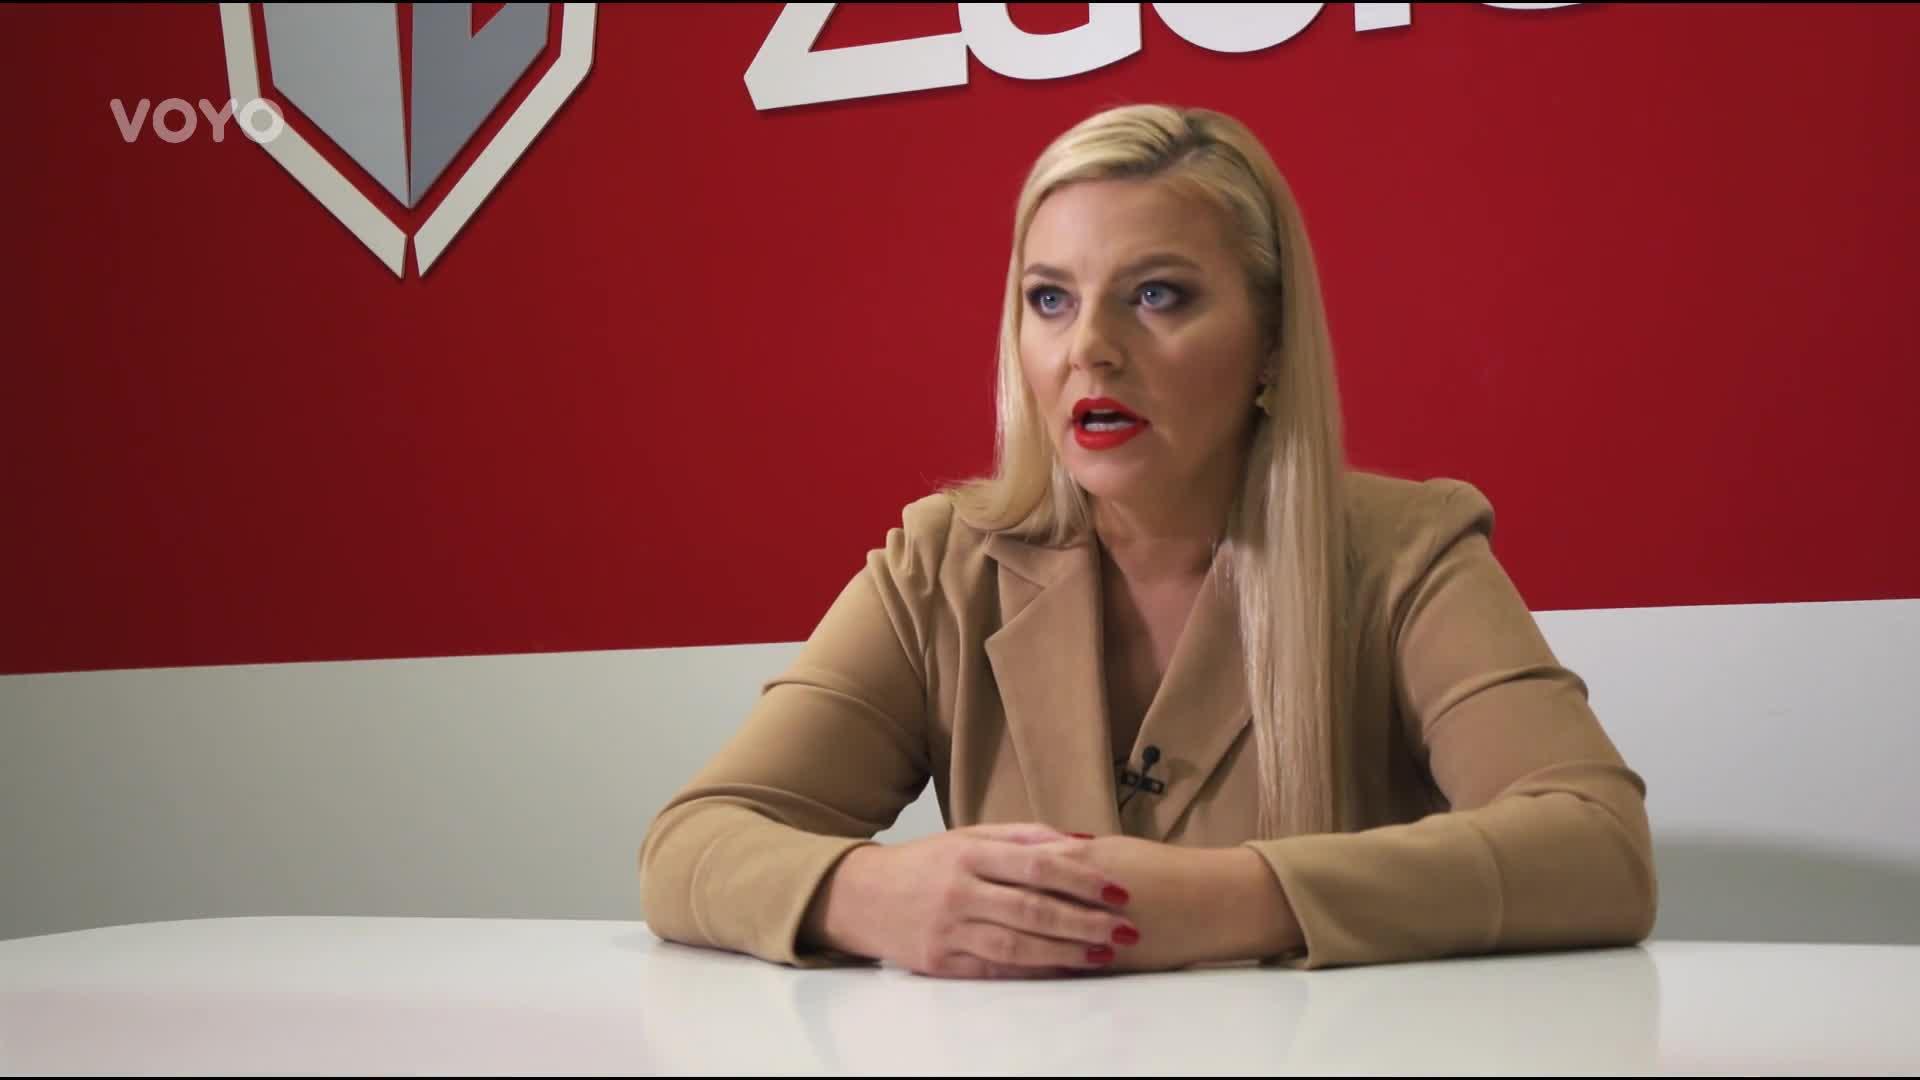 Bonusové reportáže 2021 Utajený šéf - behind the scenes - Zásilkovna B102156